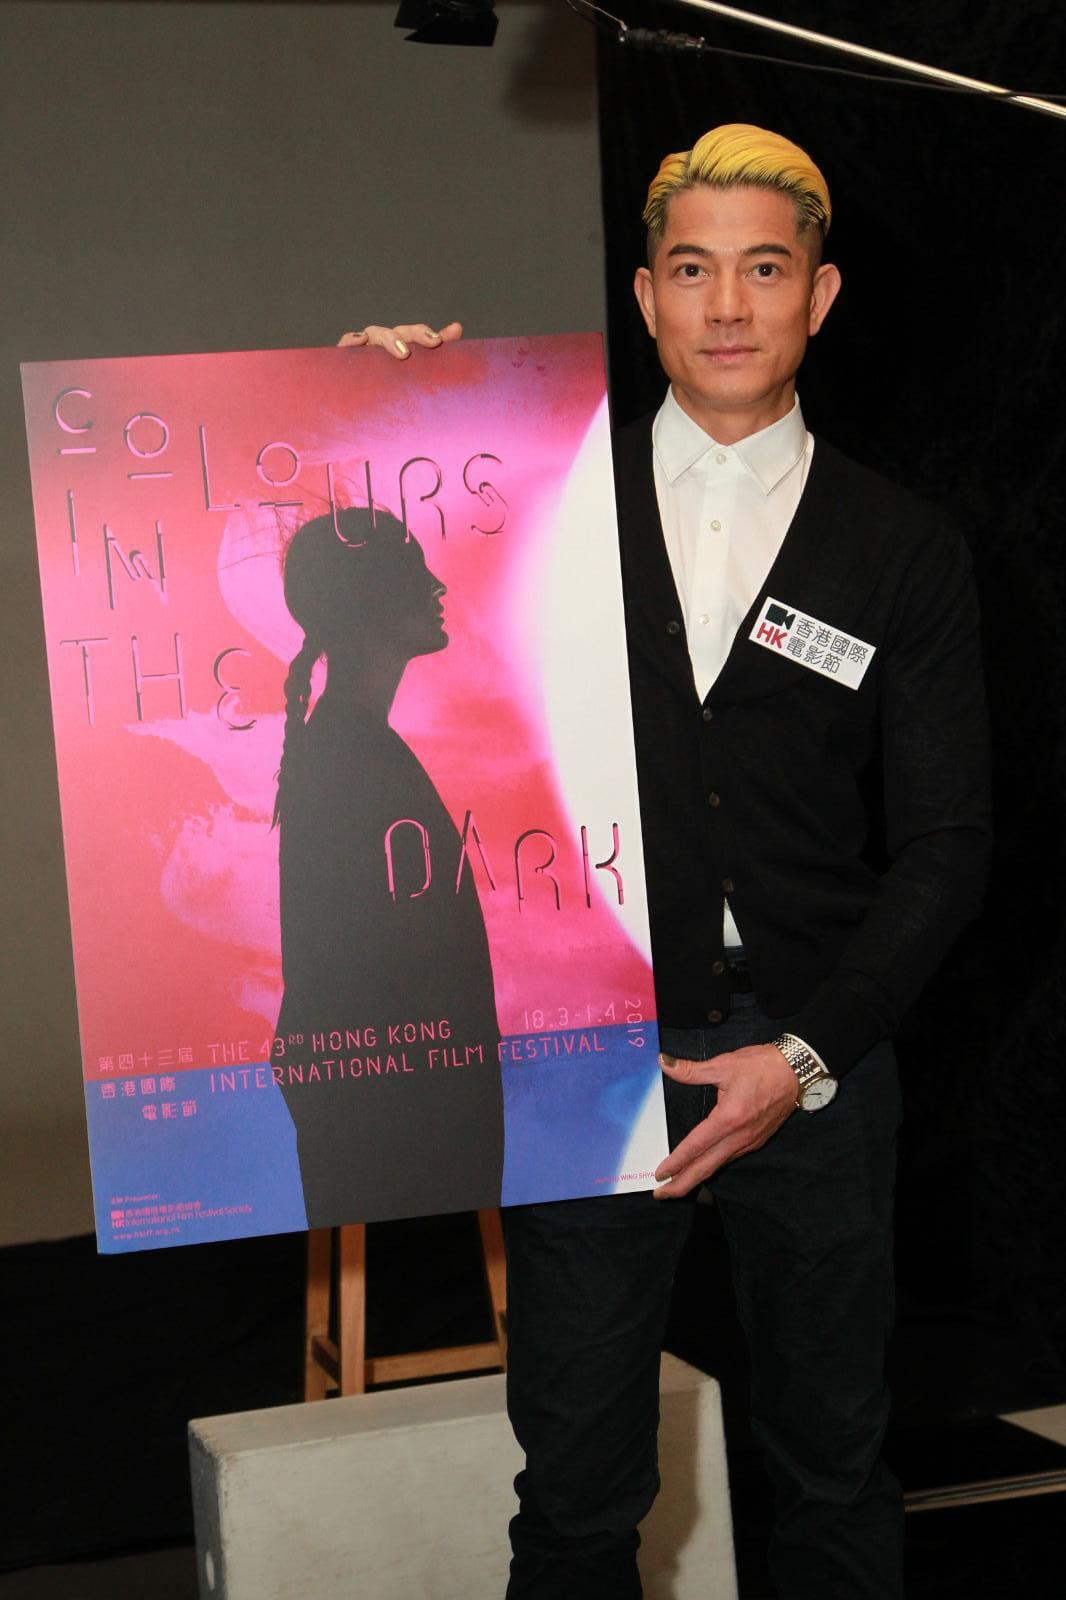 城城首度為「第43屆香港國際電影節」擔任大使。